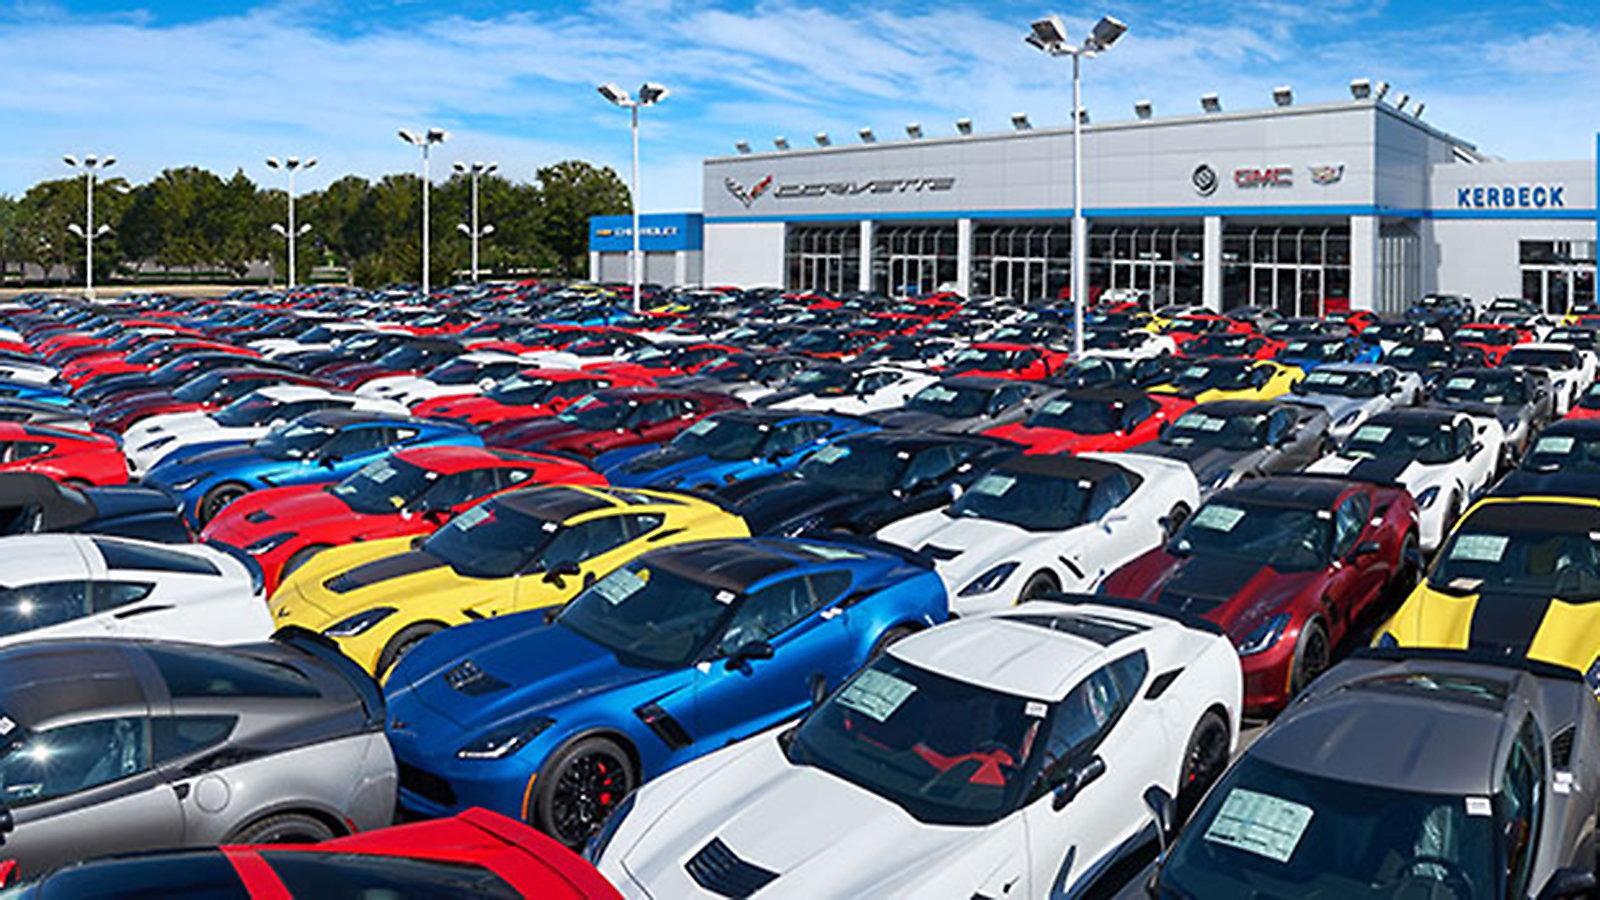 The jam-packed lot of Kerbek Corvette in Atlantic City, NJ